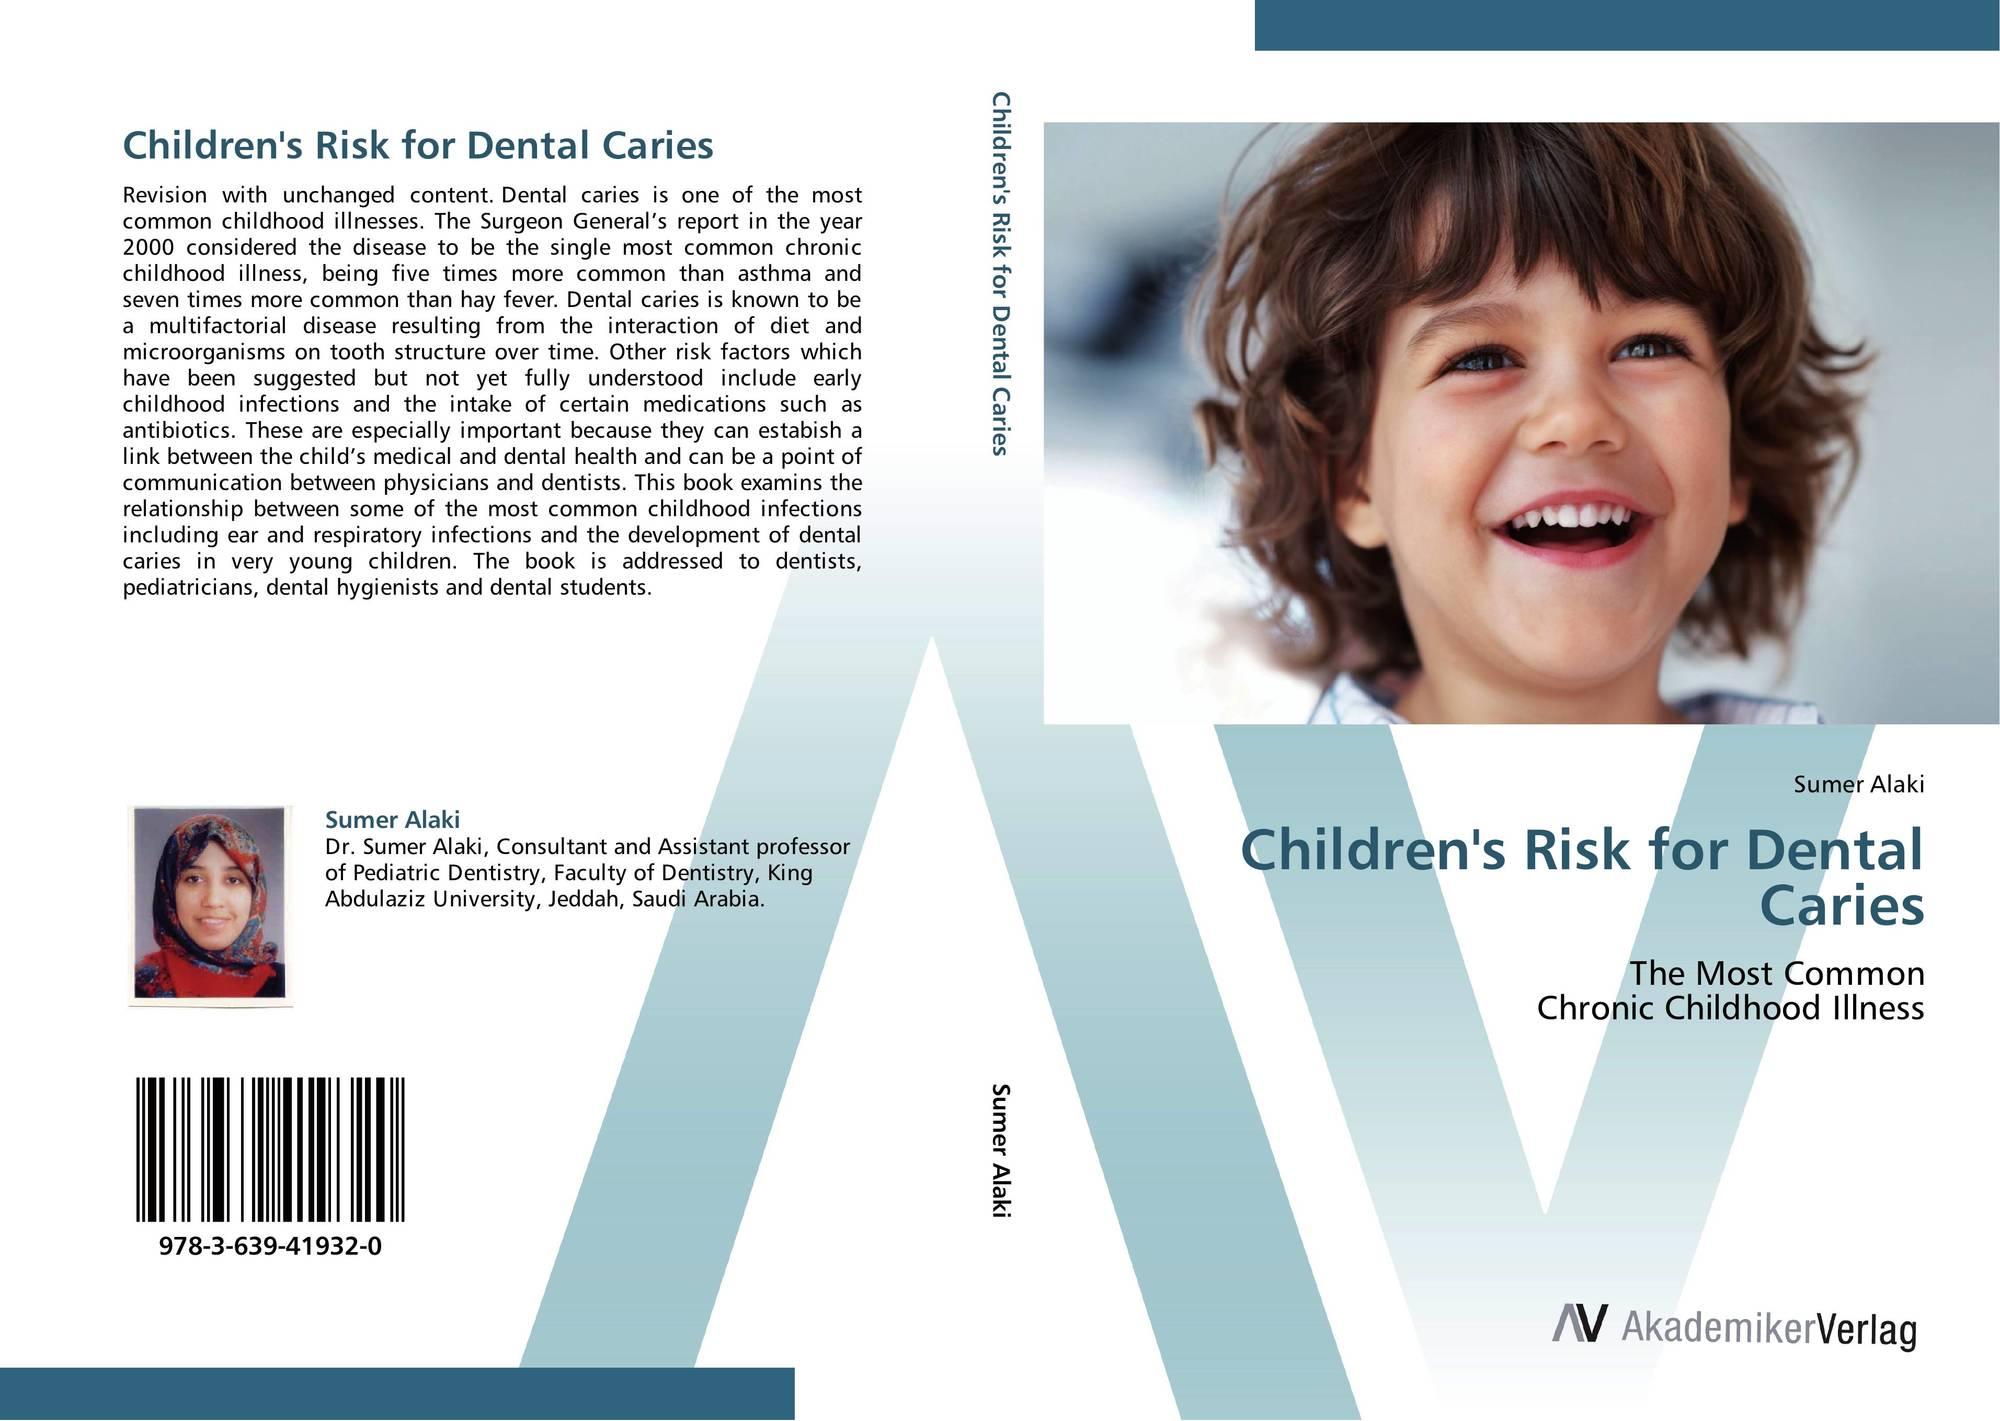 Children's Risk for Dental Caries, 978-3-639-41932-0